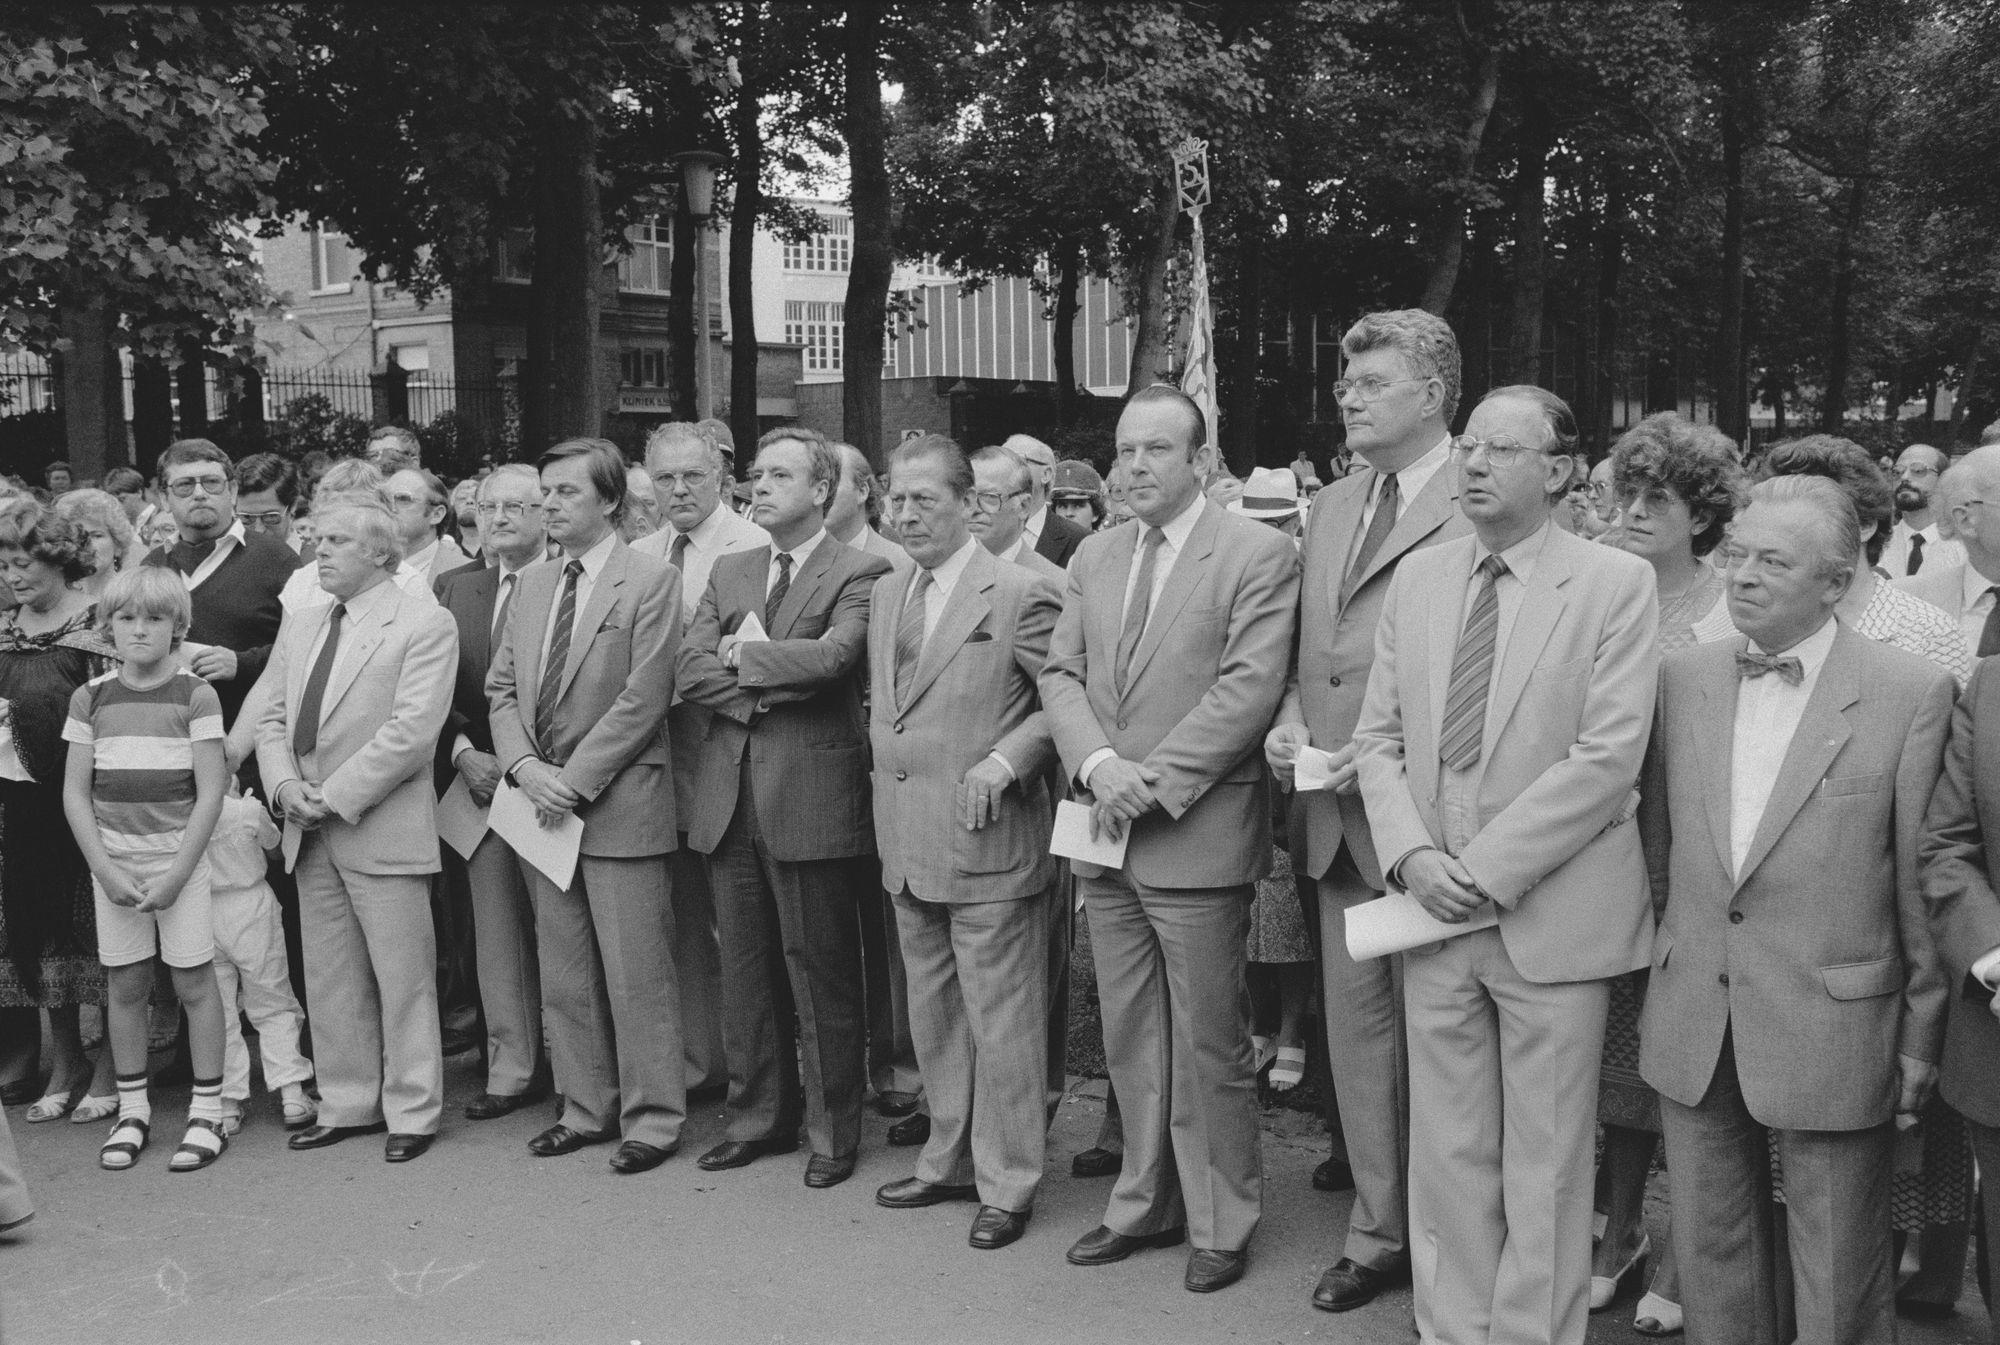 Toeschouwers tijdens een toespraak op de 11 juliviering 1982